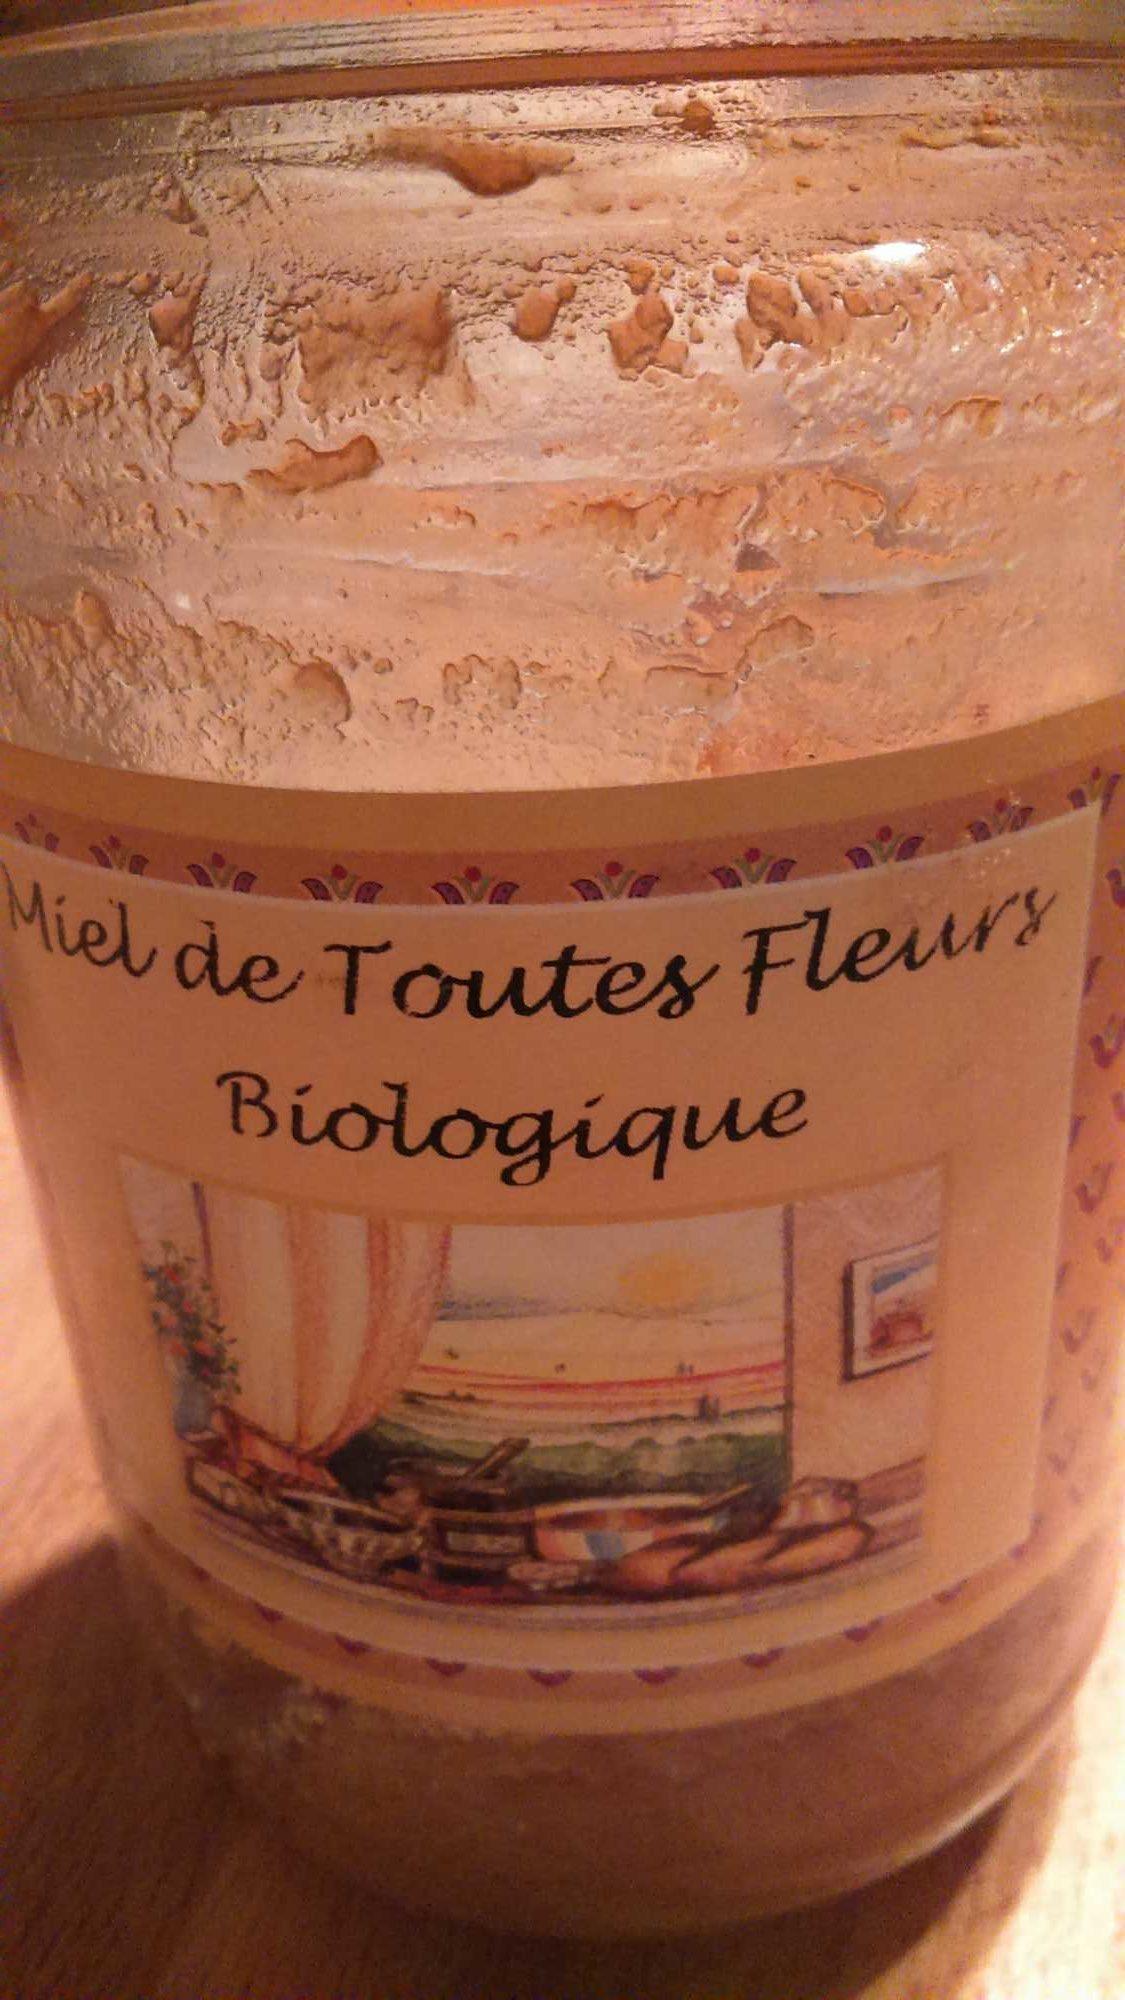 Miel de toutes fleurs biologique - Produit